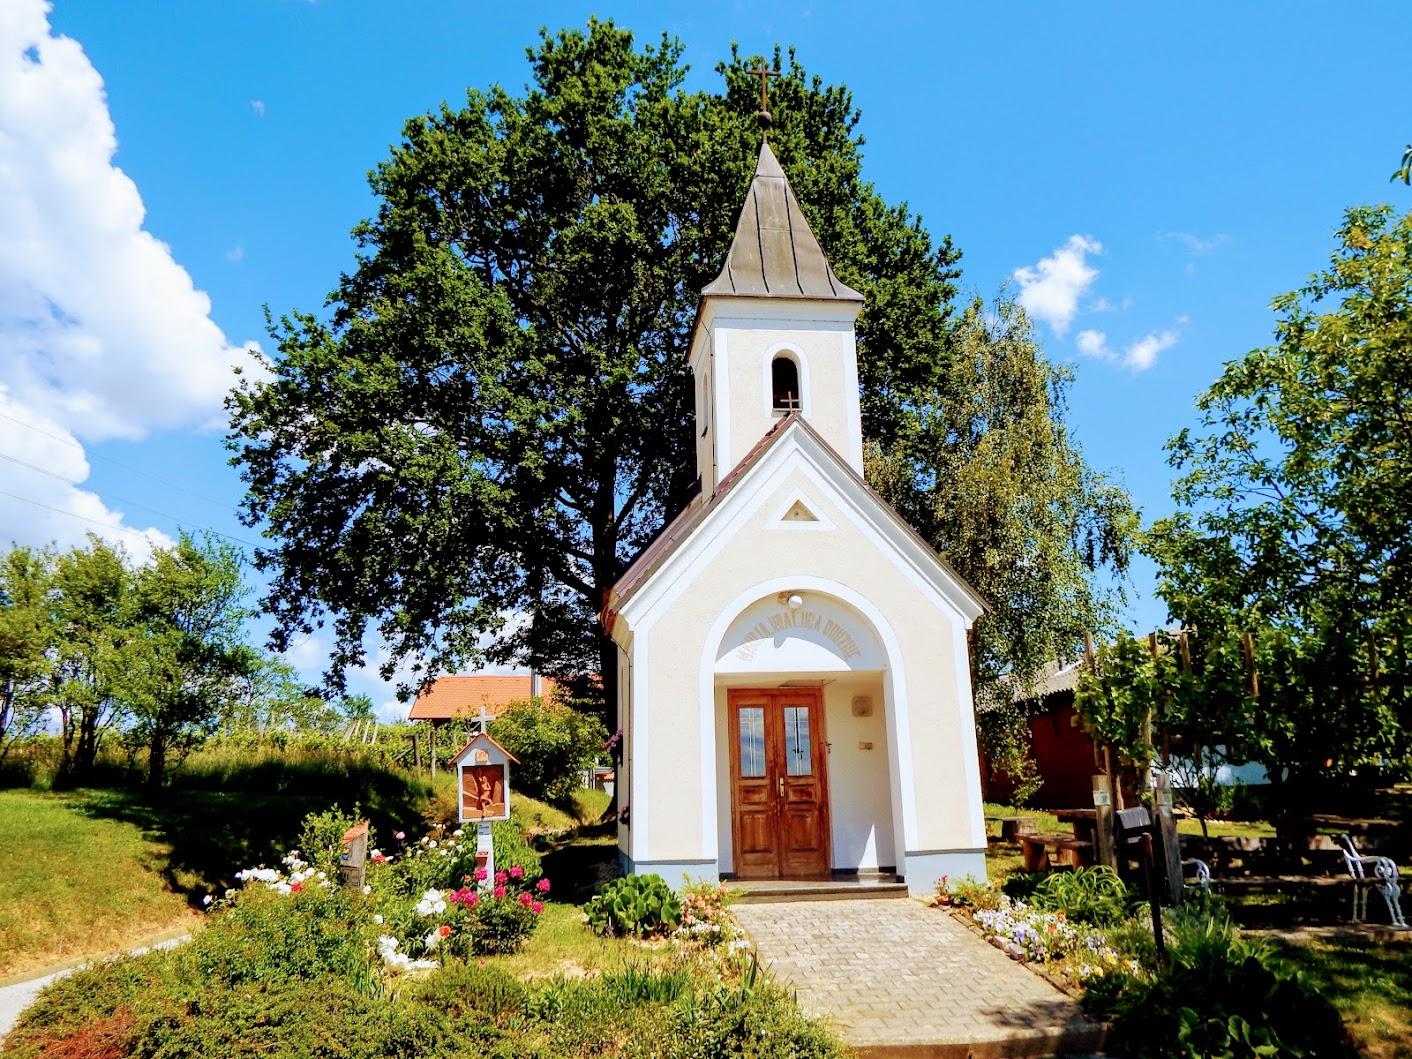 Filovci - Szűz Mária-kápolna keresztúttal a gaji szőlőhegyen - Kapelica Marije Kraljice družine + Križev pot v Gaju